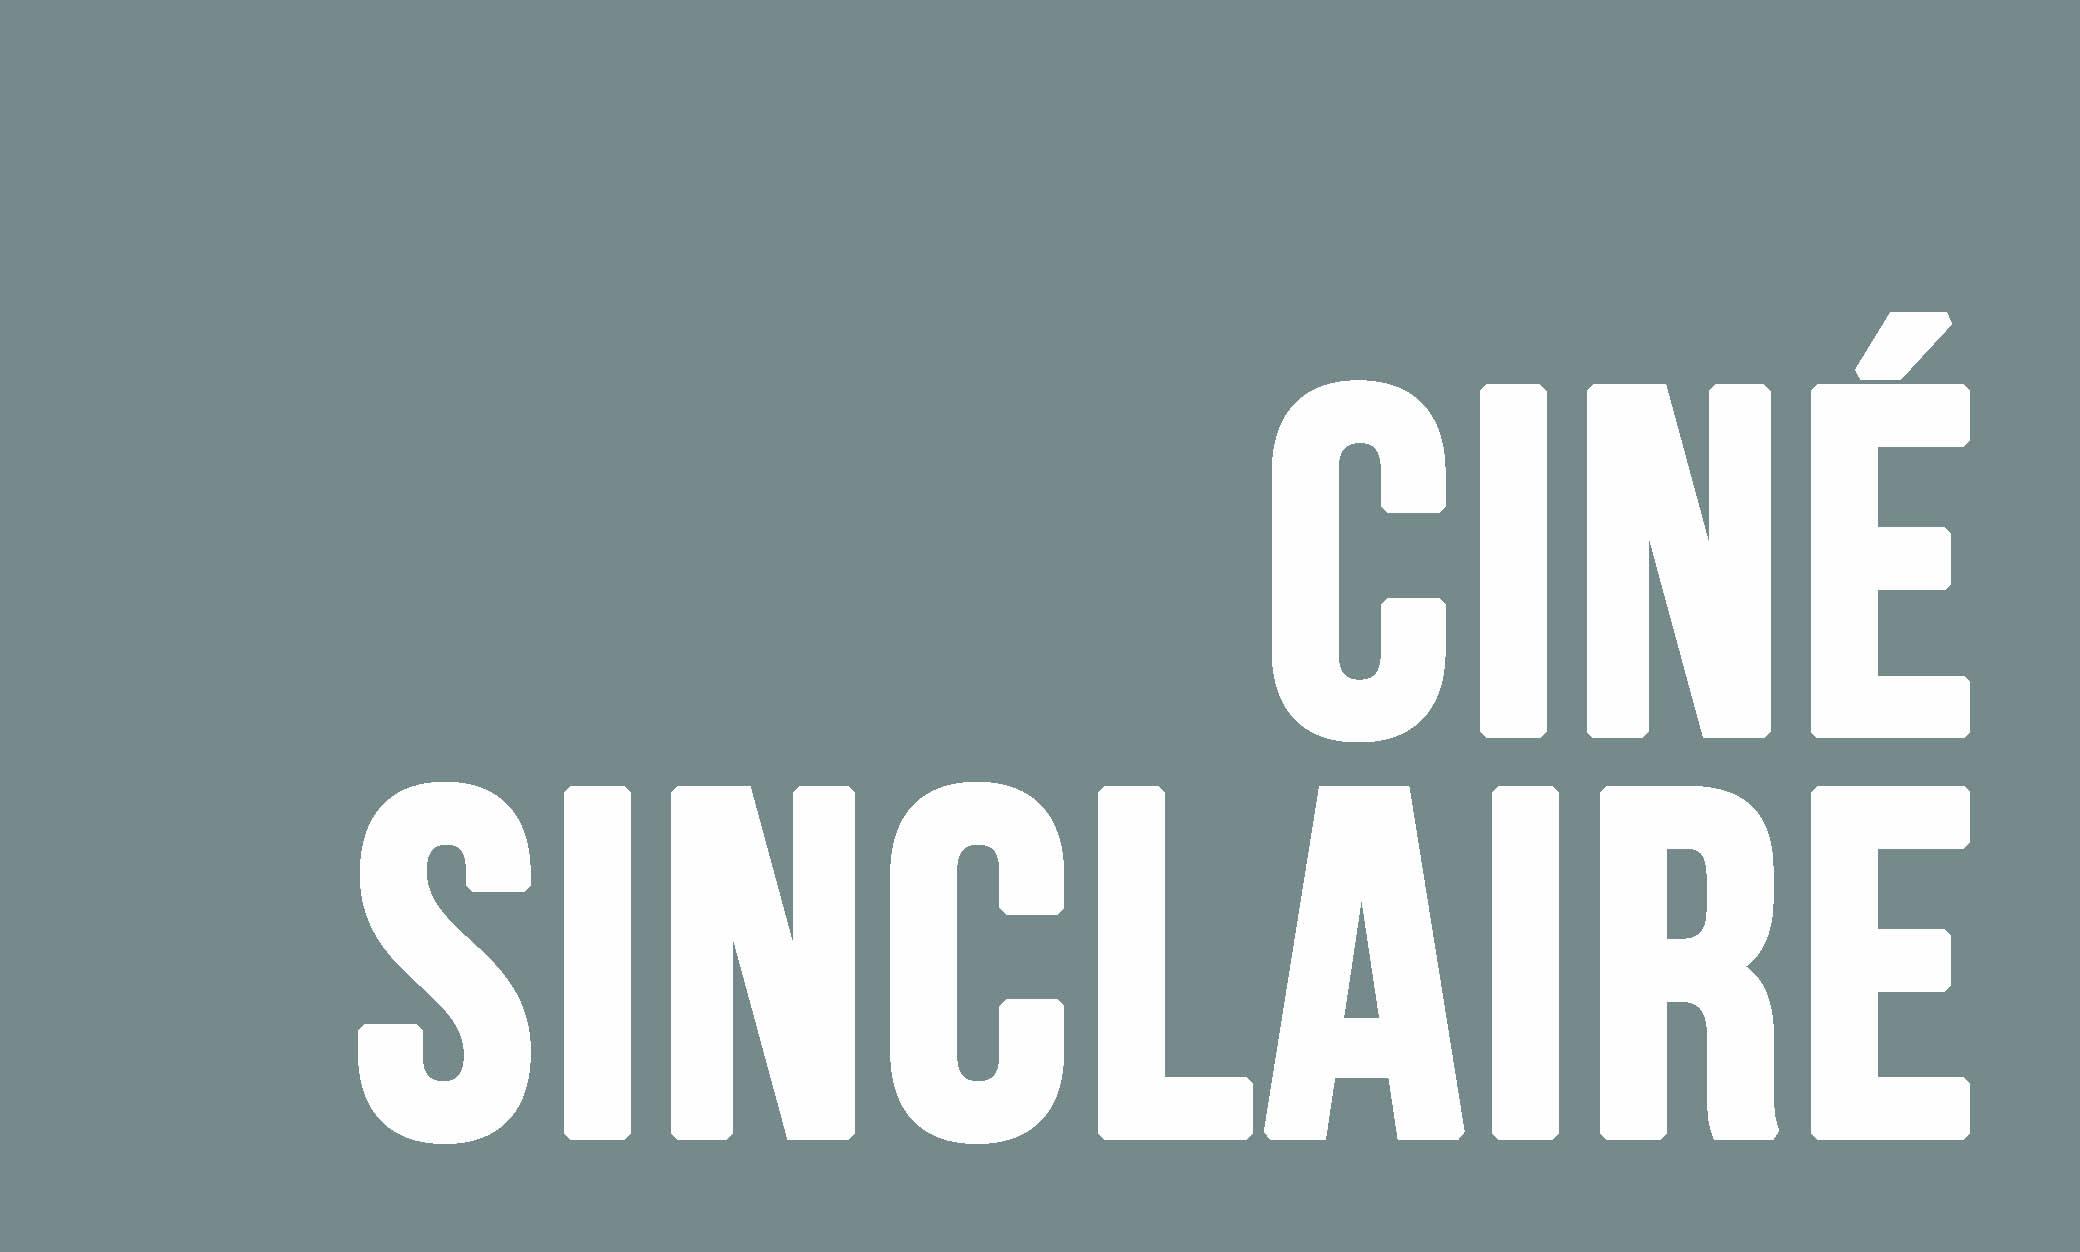 Ciné Sinclaire logo